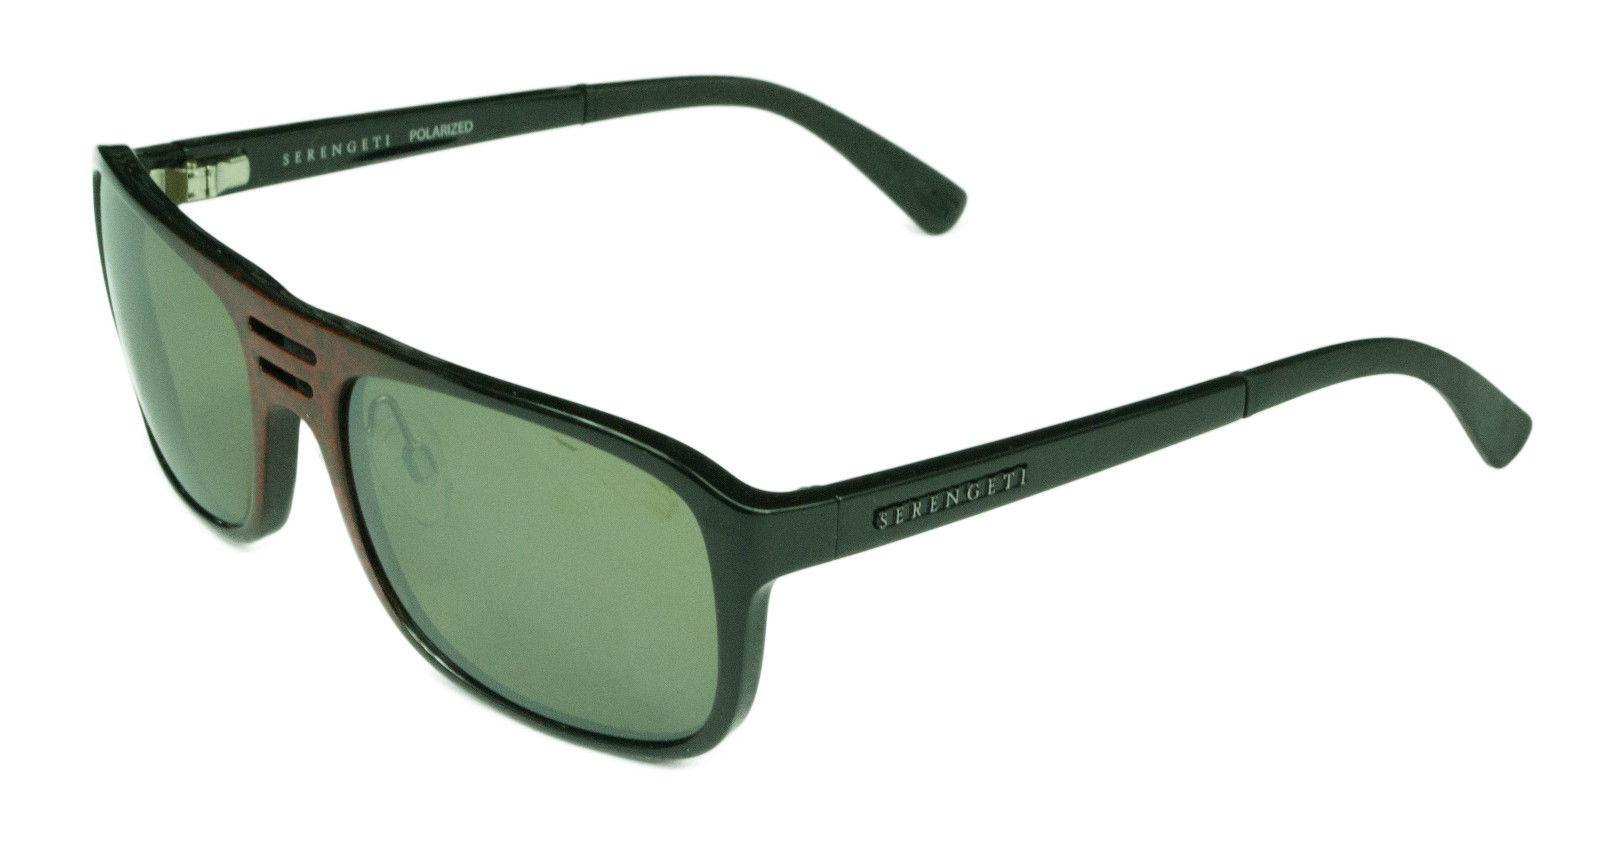 f70c9fe15a48 Serengeti Lorenzo Sunglasses - 7734 - Shiny and 50 similar items